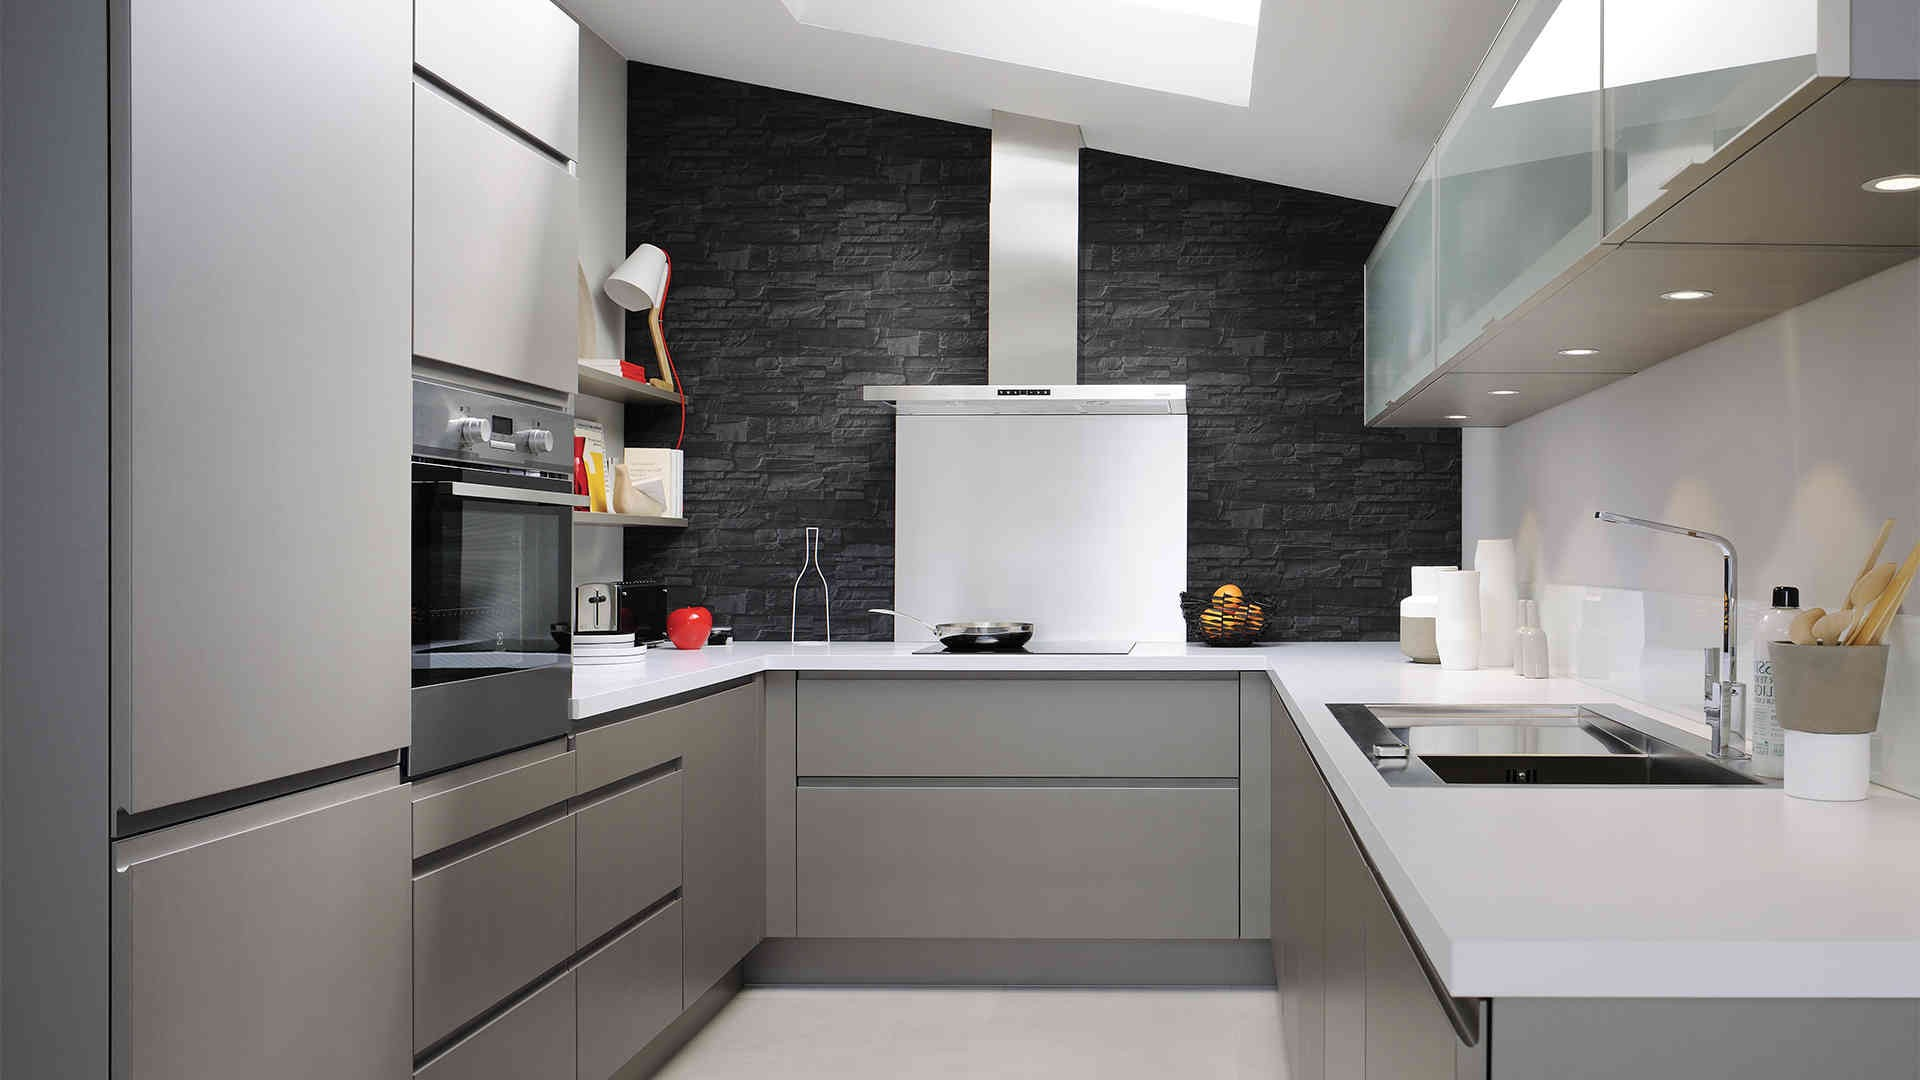 cuisine blanche mat ou brillante cuisine id es de d coration de maison v9lp91ydo3. Black Bedroom Furniture Sets. Home Design Ideas